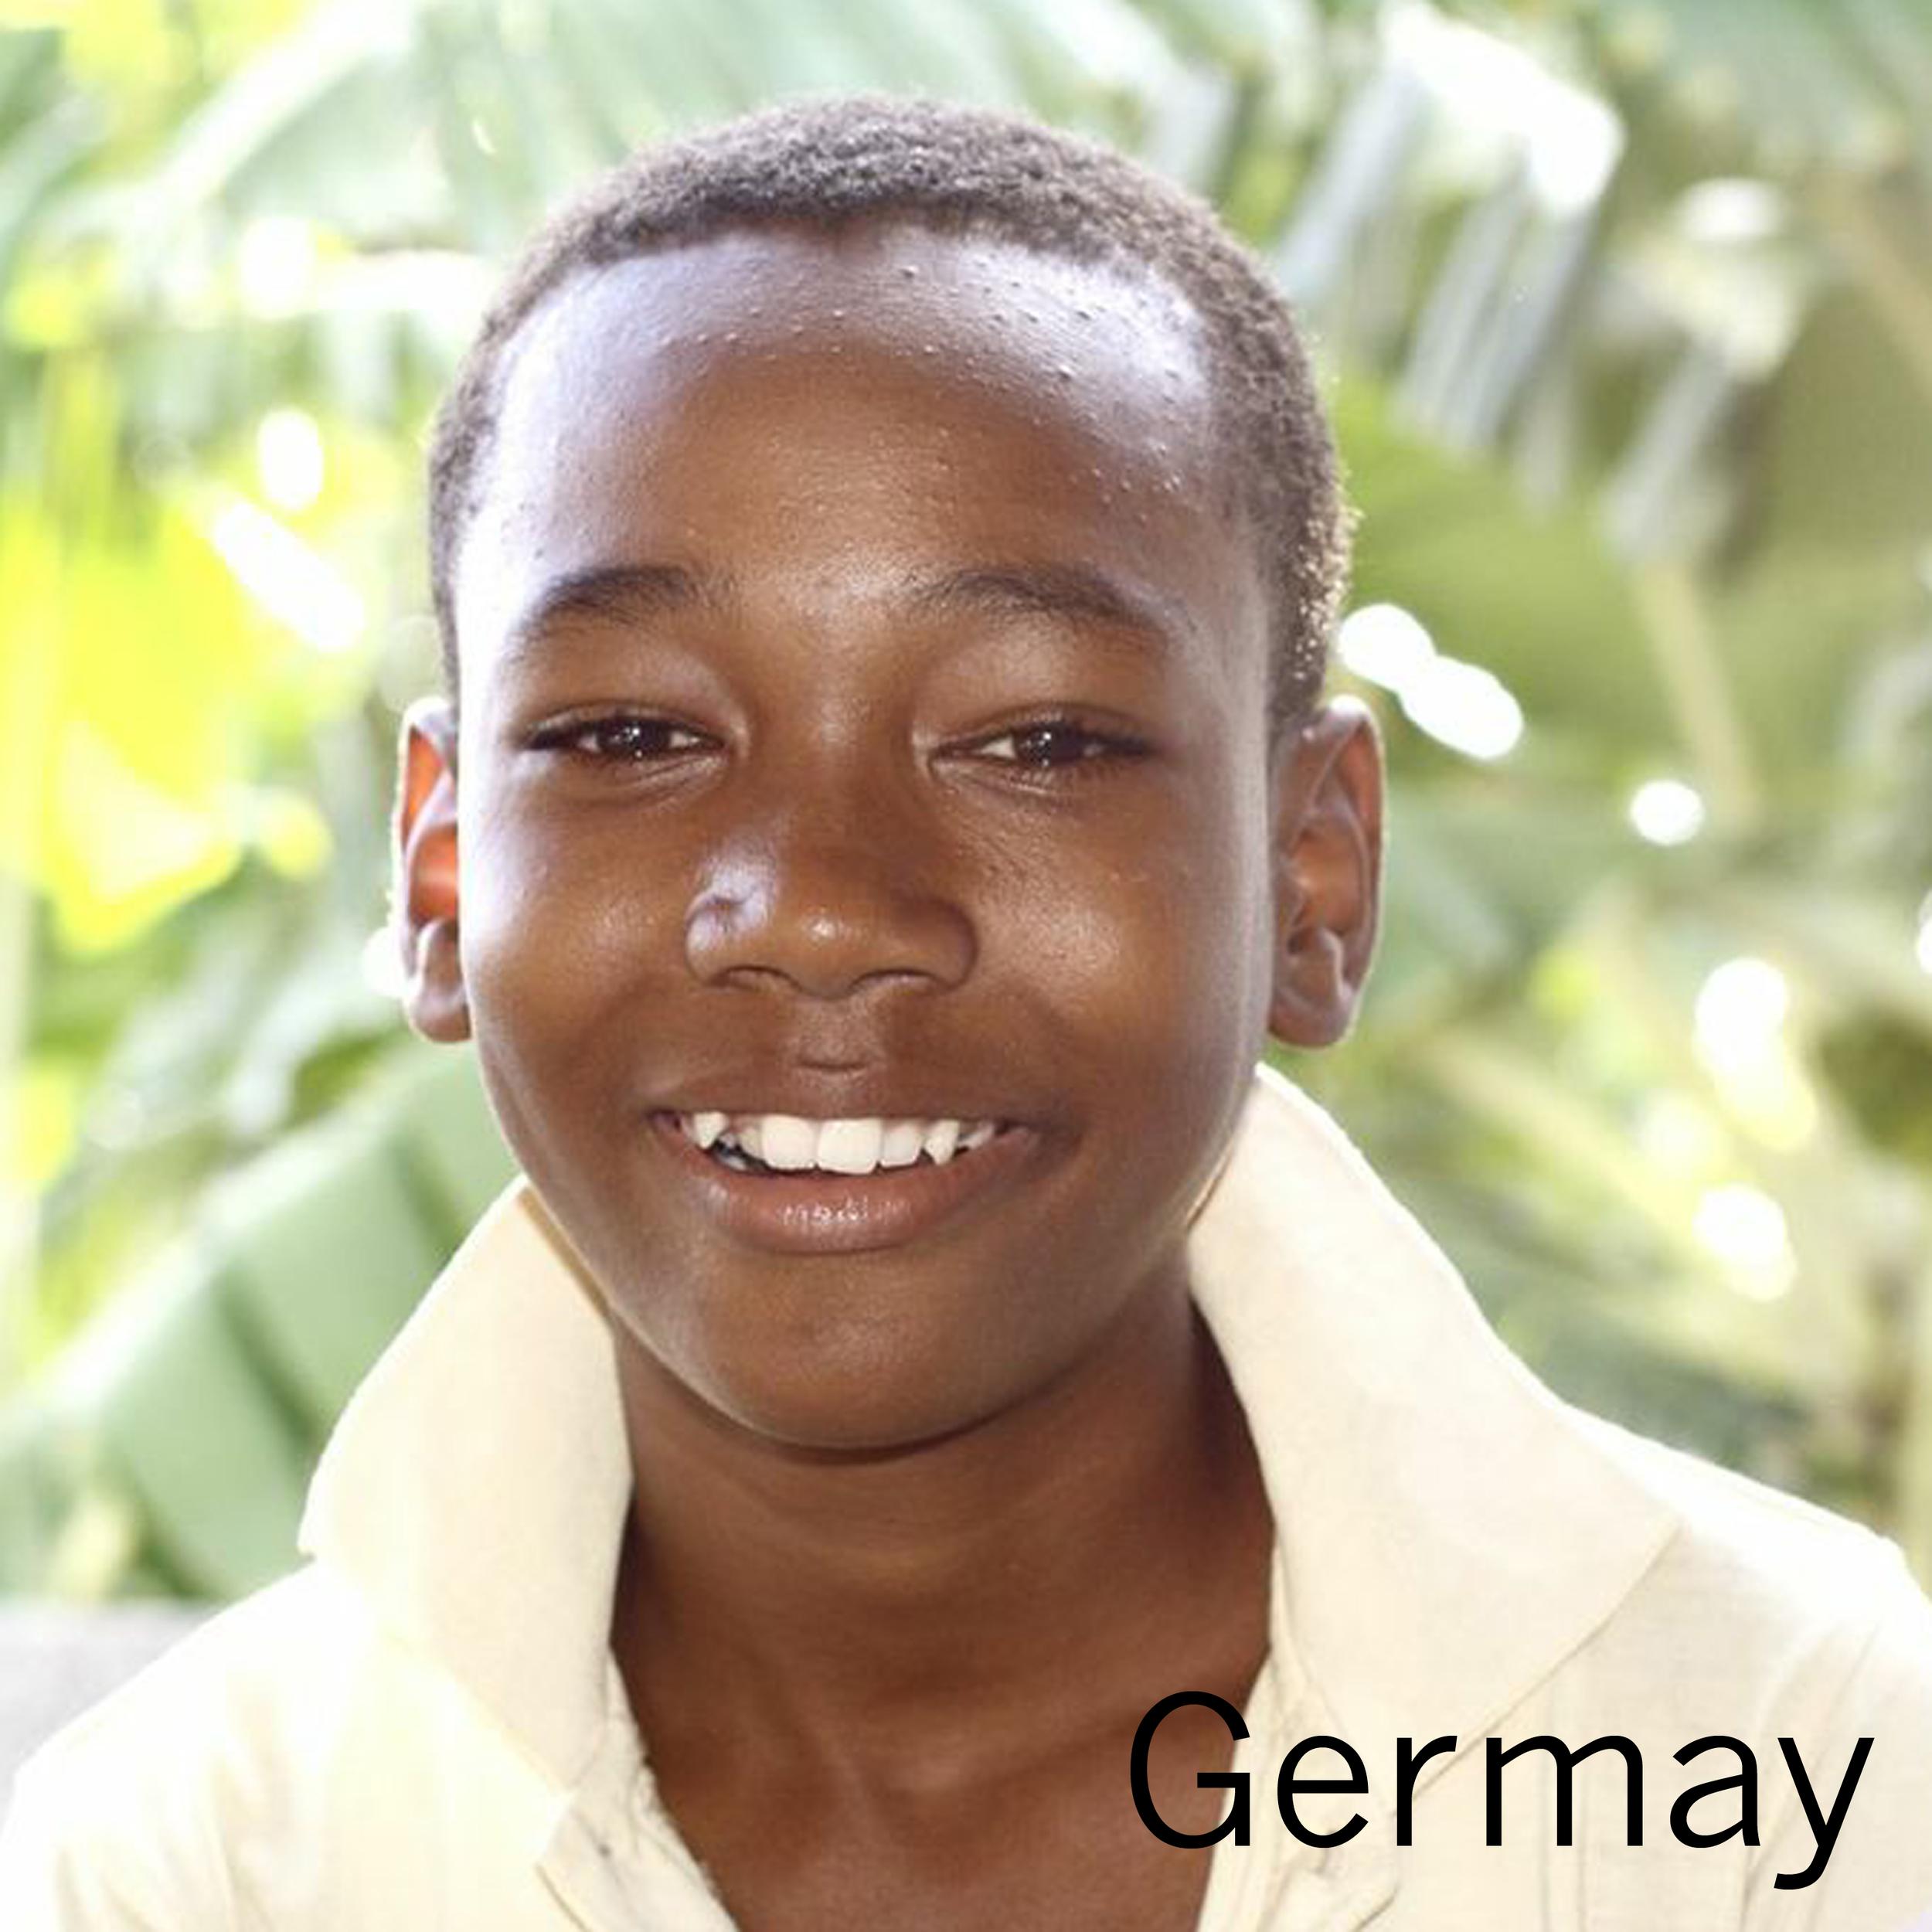 germay003_Name.jpg